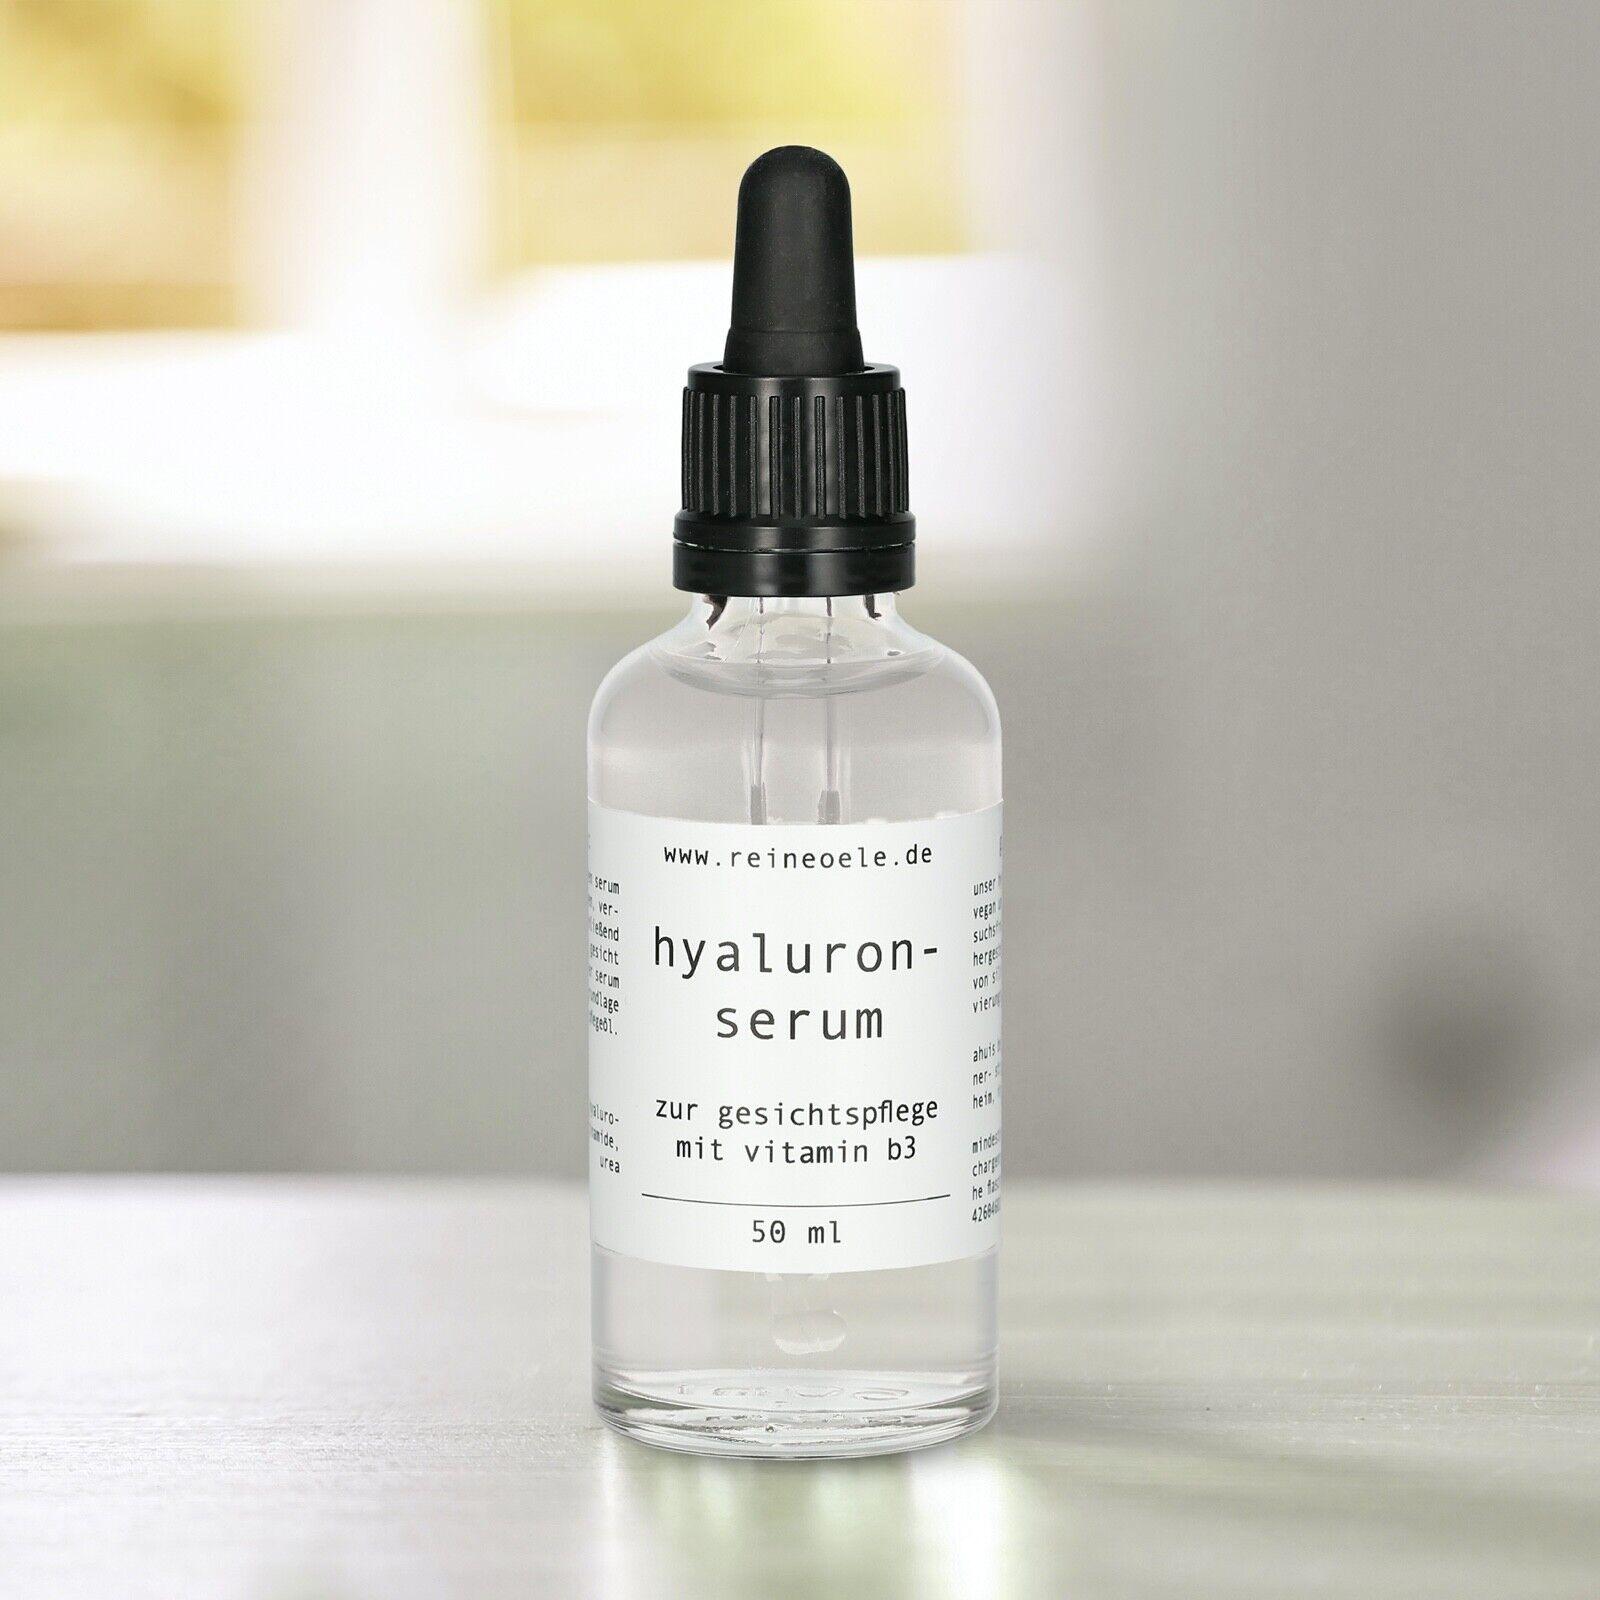 Hyaluron Serum hochdosiert / Hyaluronsäure / Anti Aging Serum / Anti Faltenserum